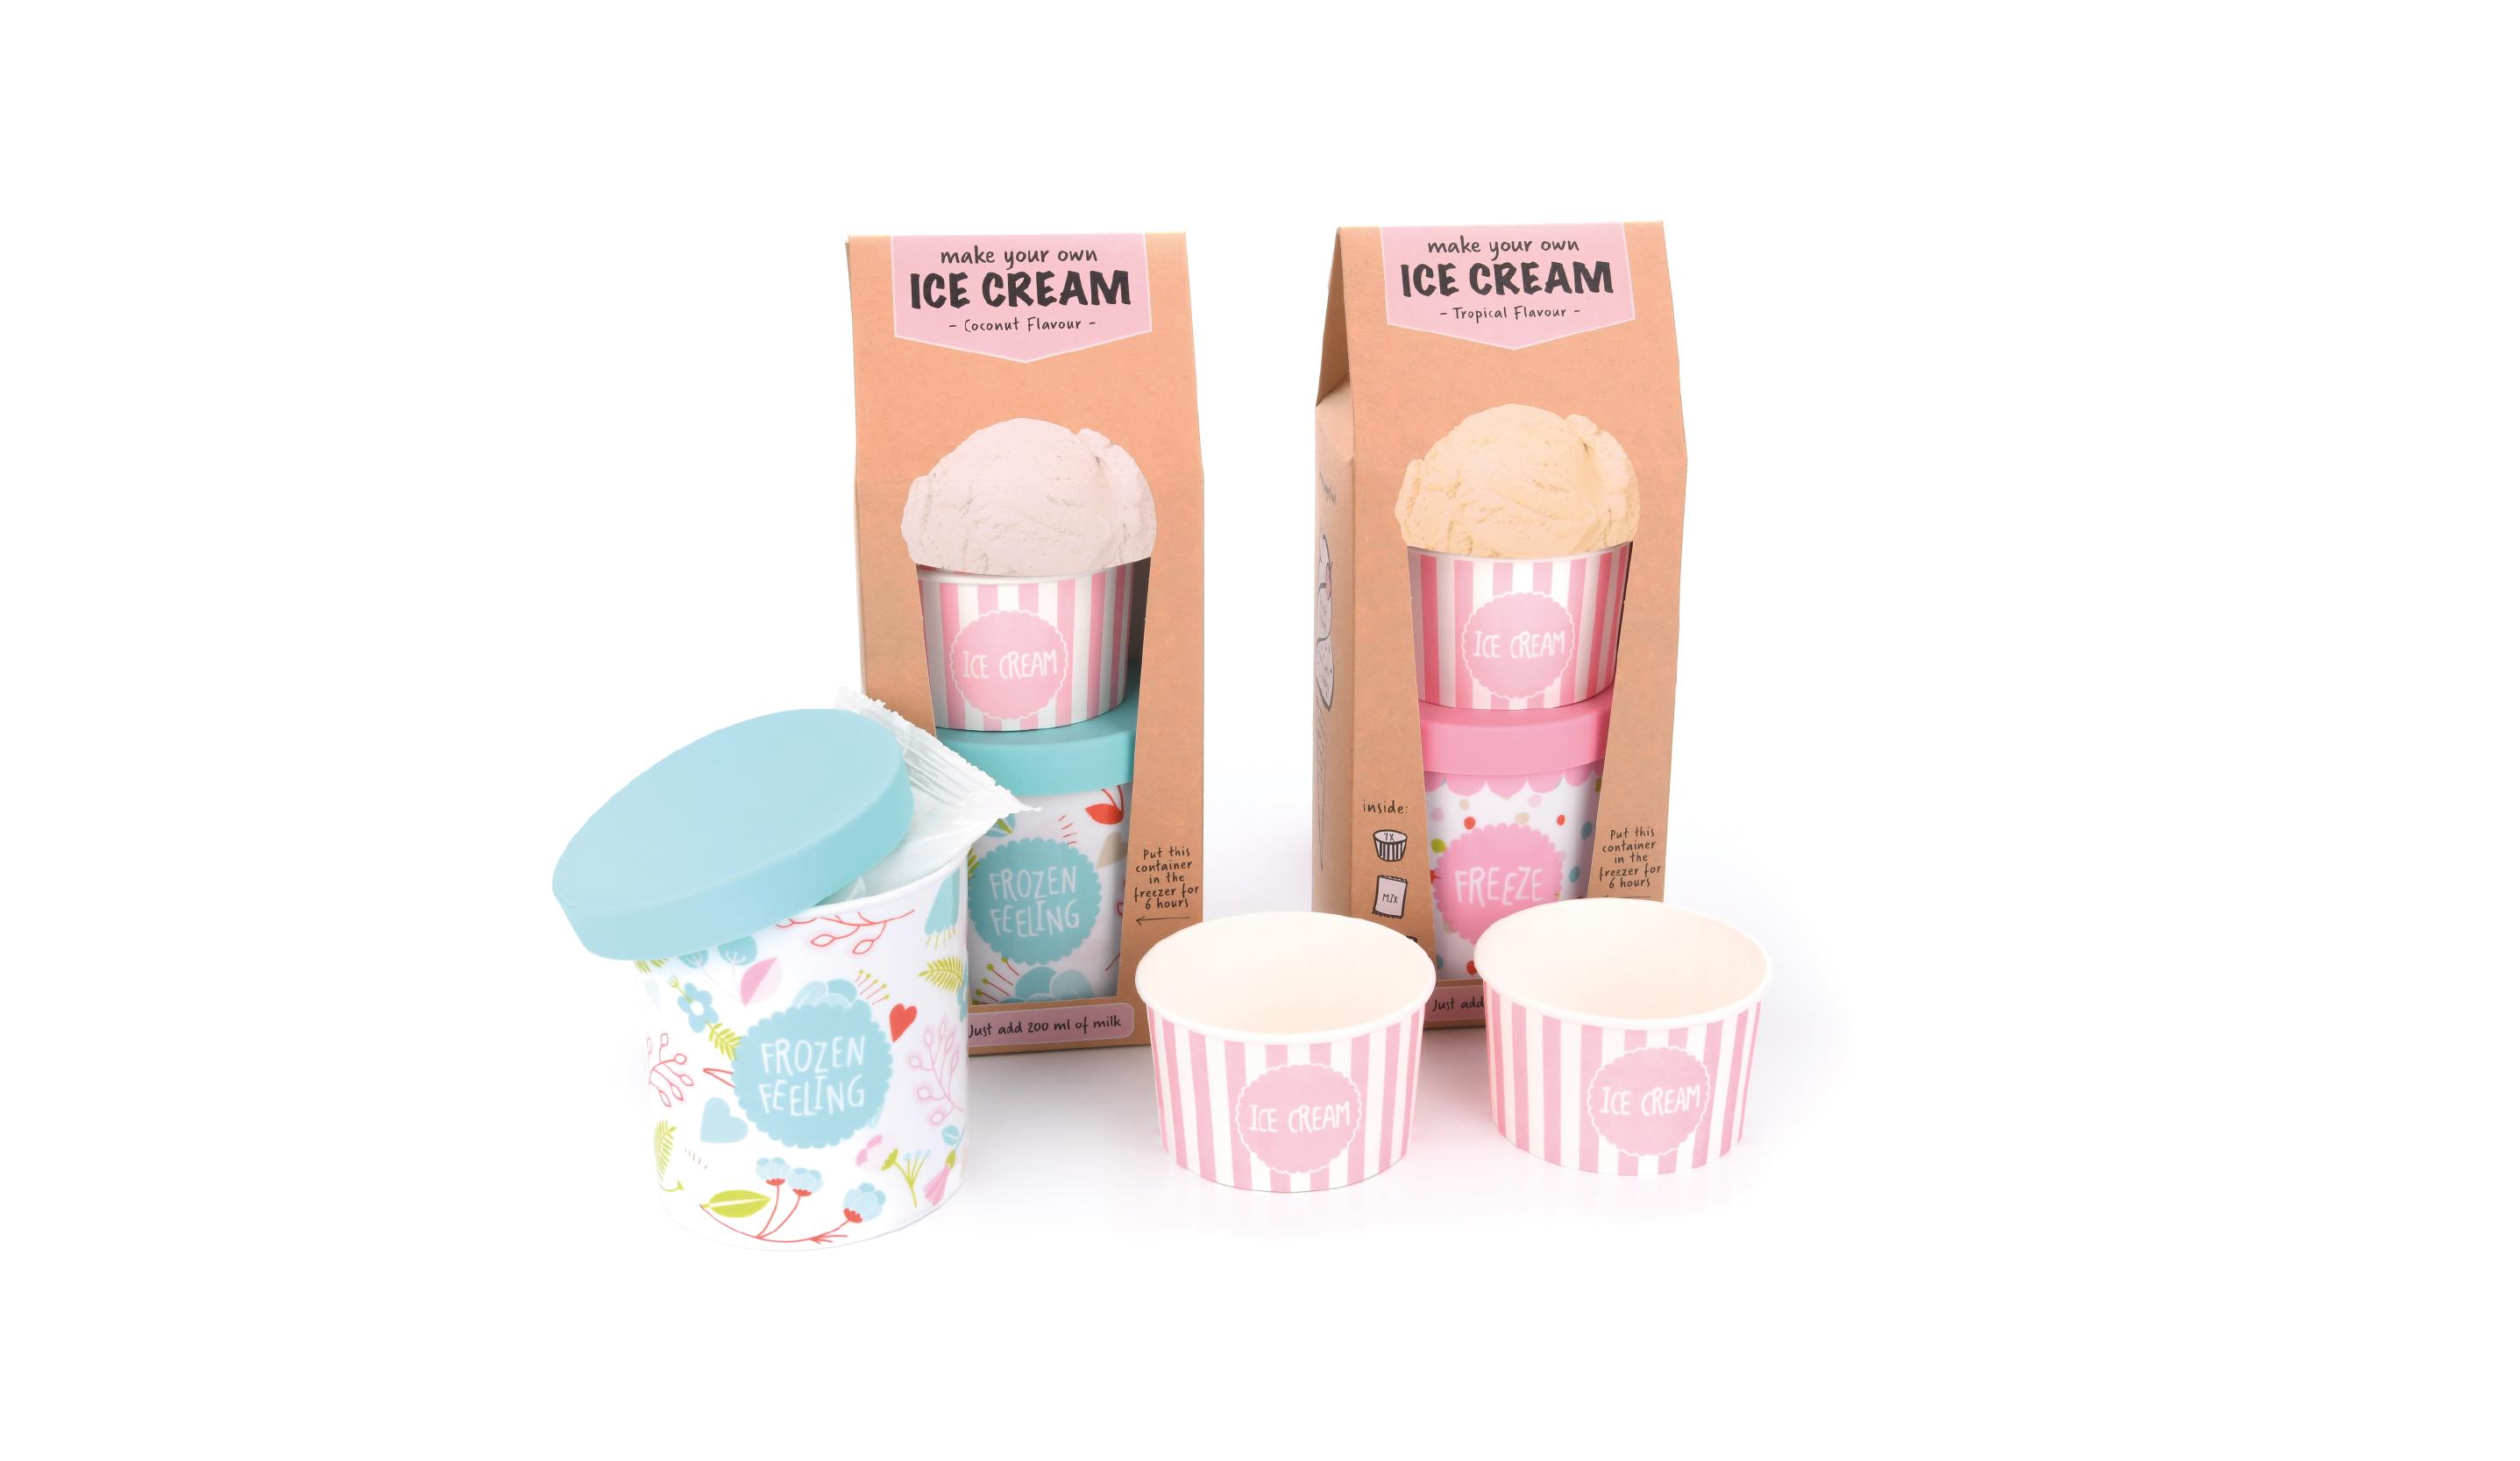 Lily's ice cream kit